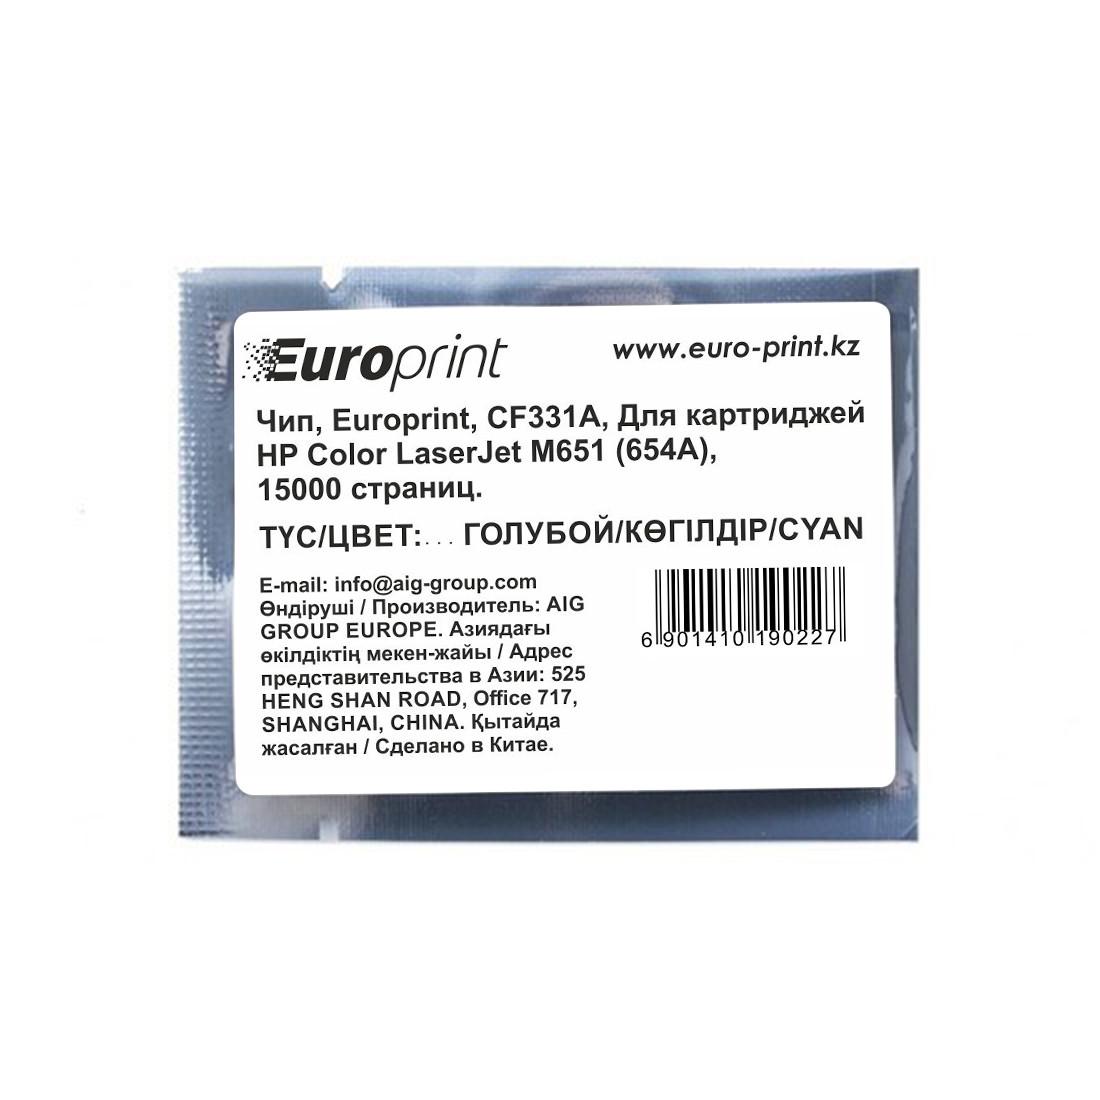 Чип Europrint HP CF331A